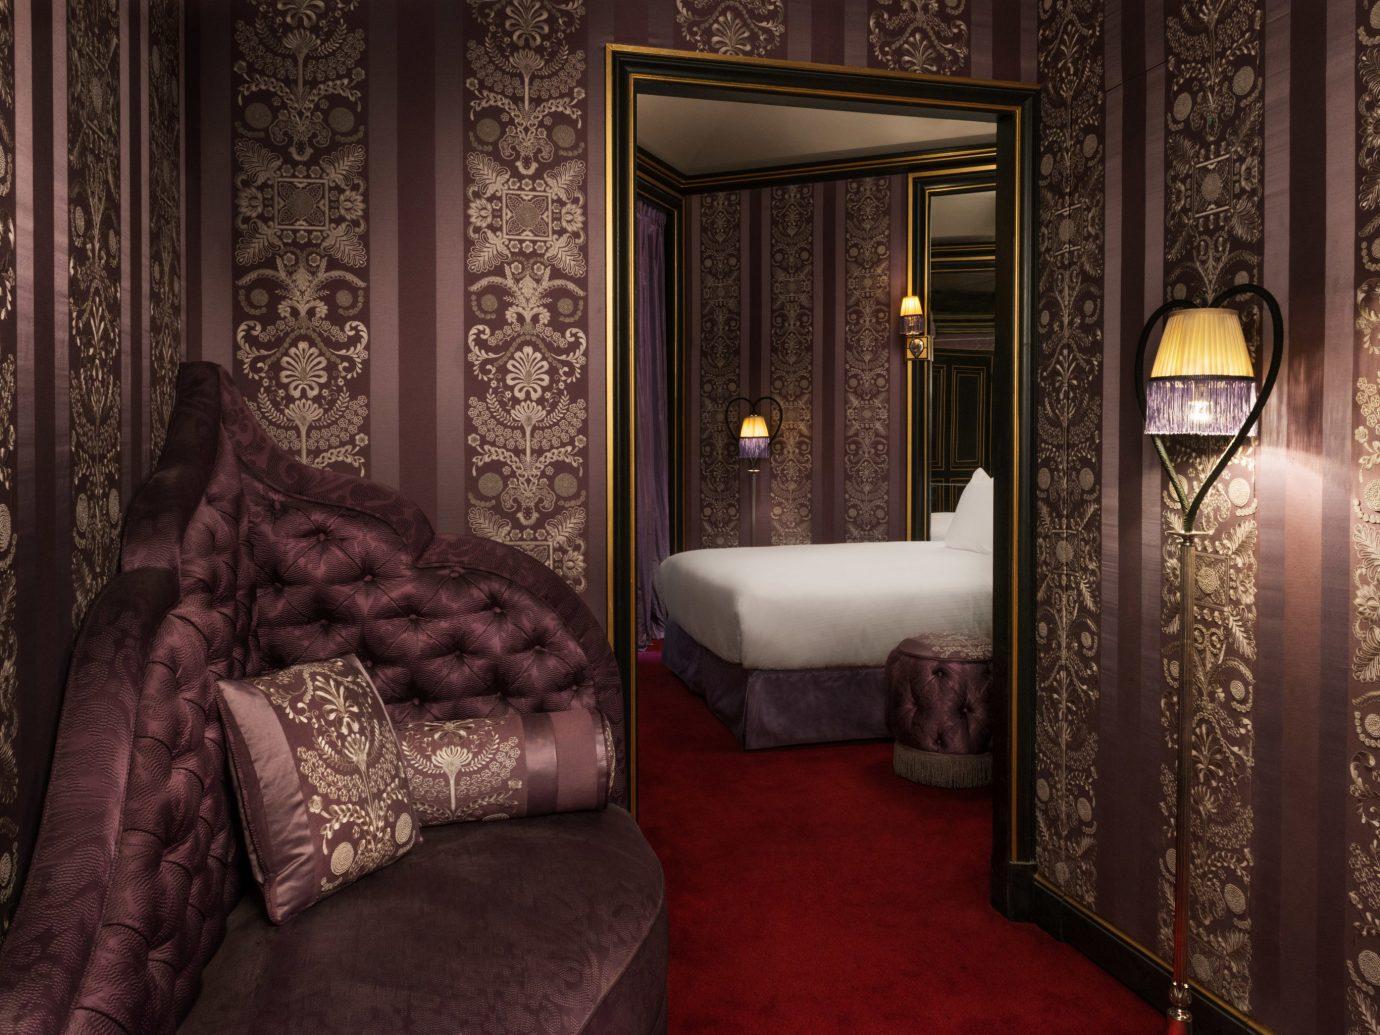 Hotels indoor room interior design Suite home estate mansion screenshot furniture hotel Bedroom decorated